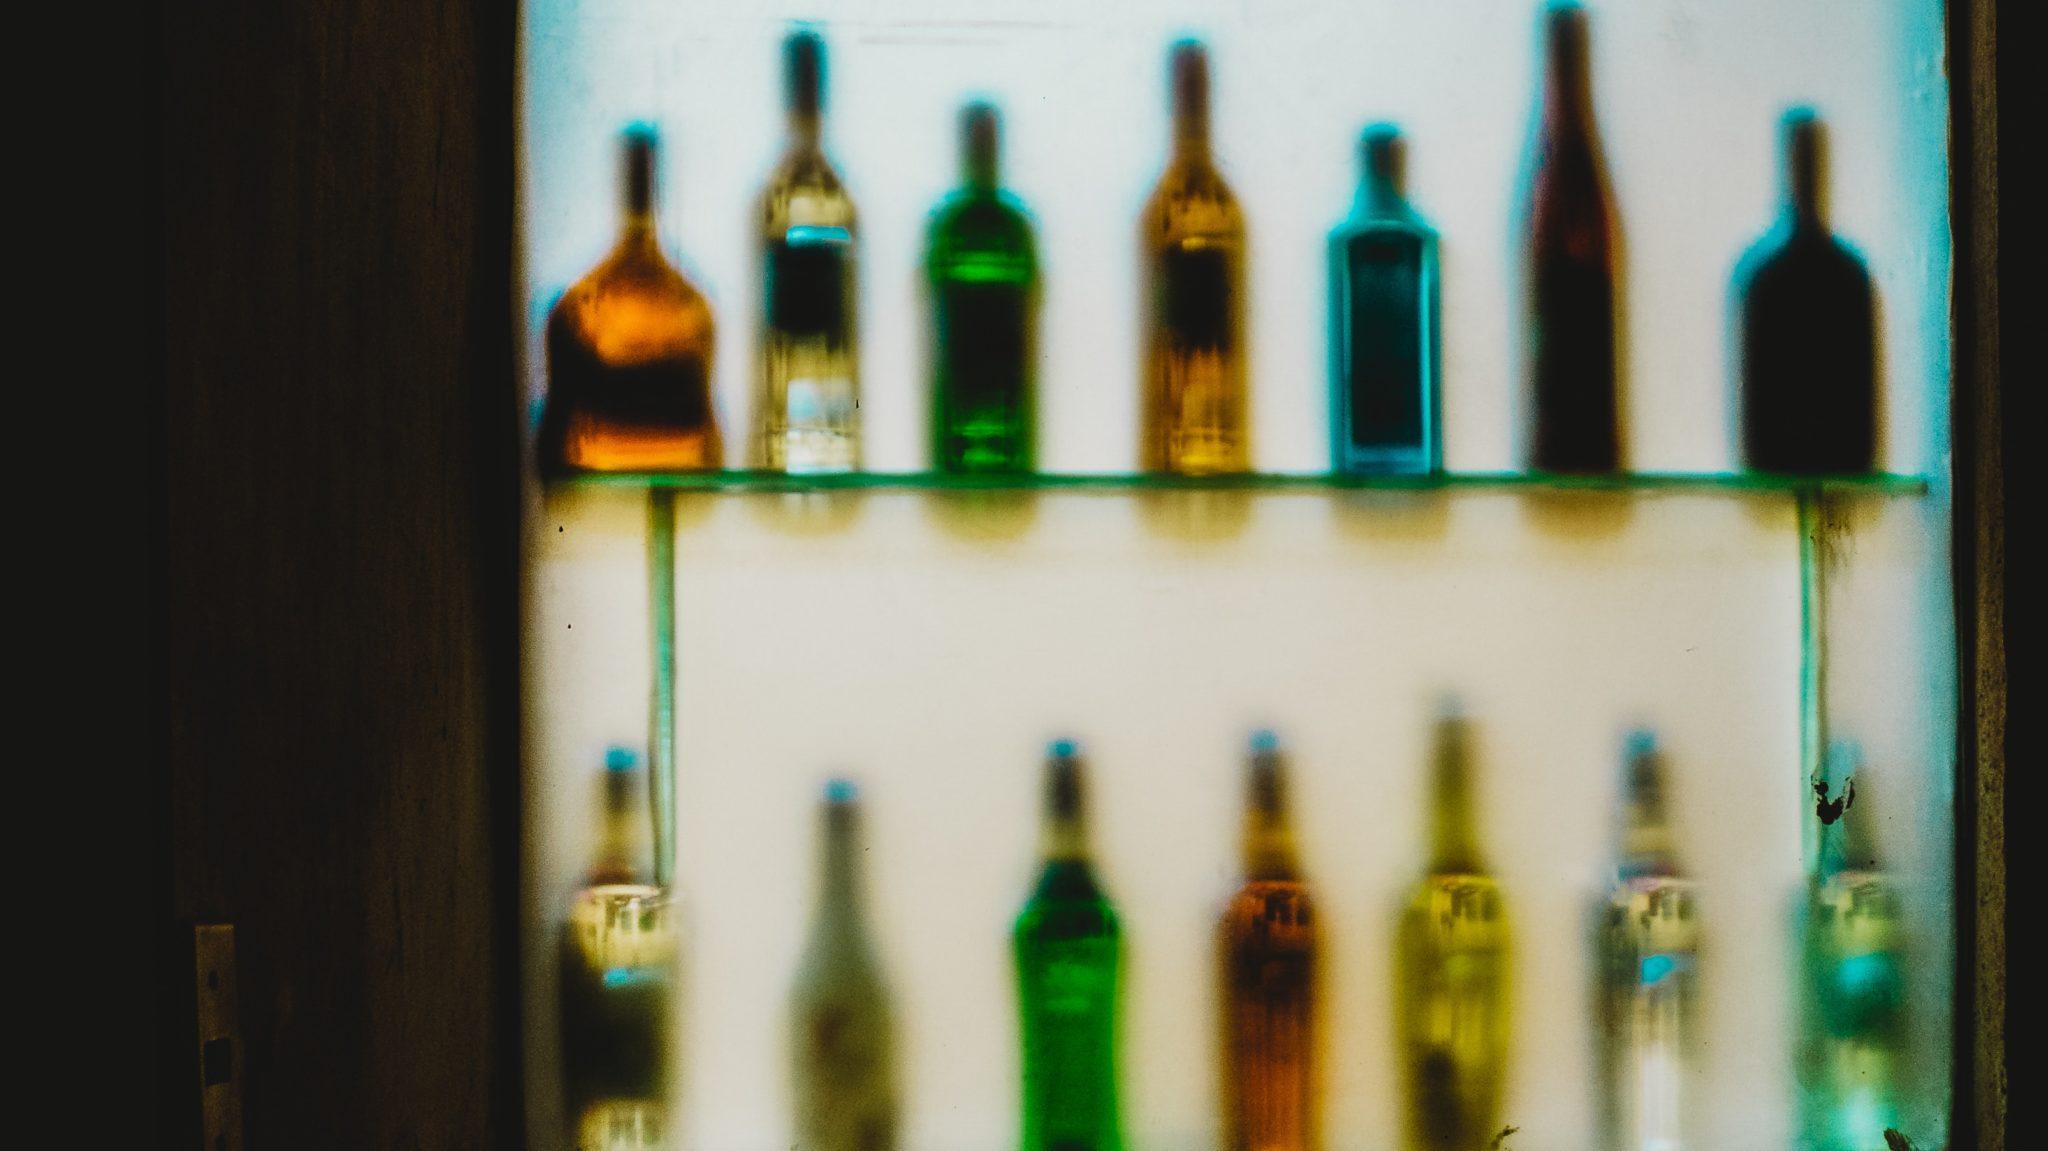 sierpień miesiąc trzeźwości misyjne pl Ks. Robert Krzywicki alkoholizm współuzależnienie